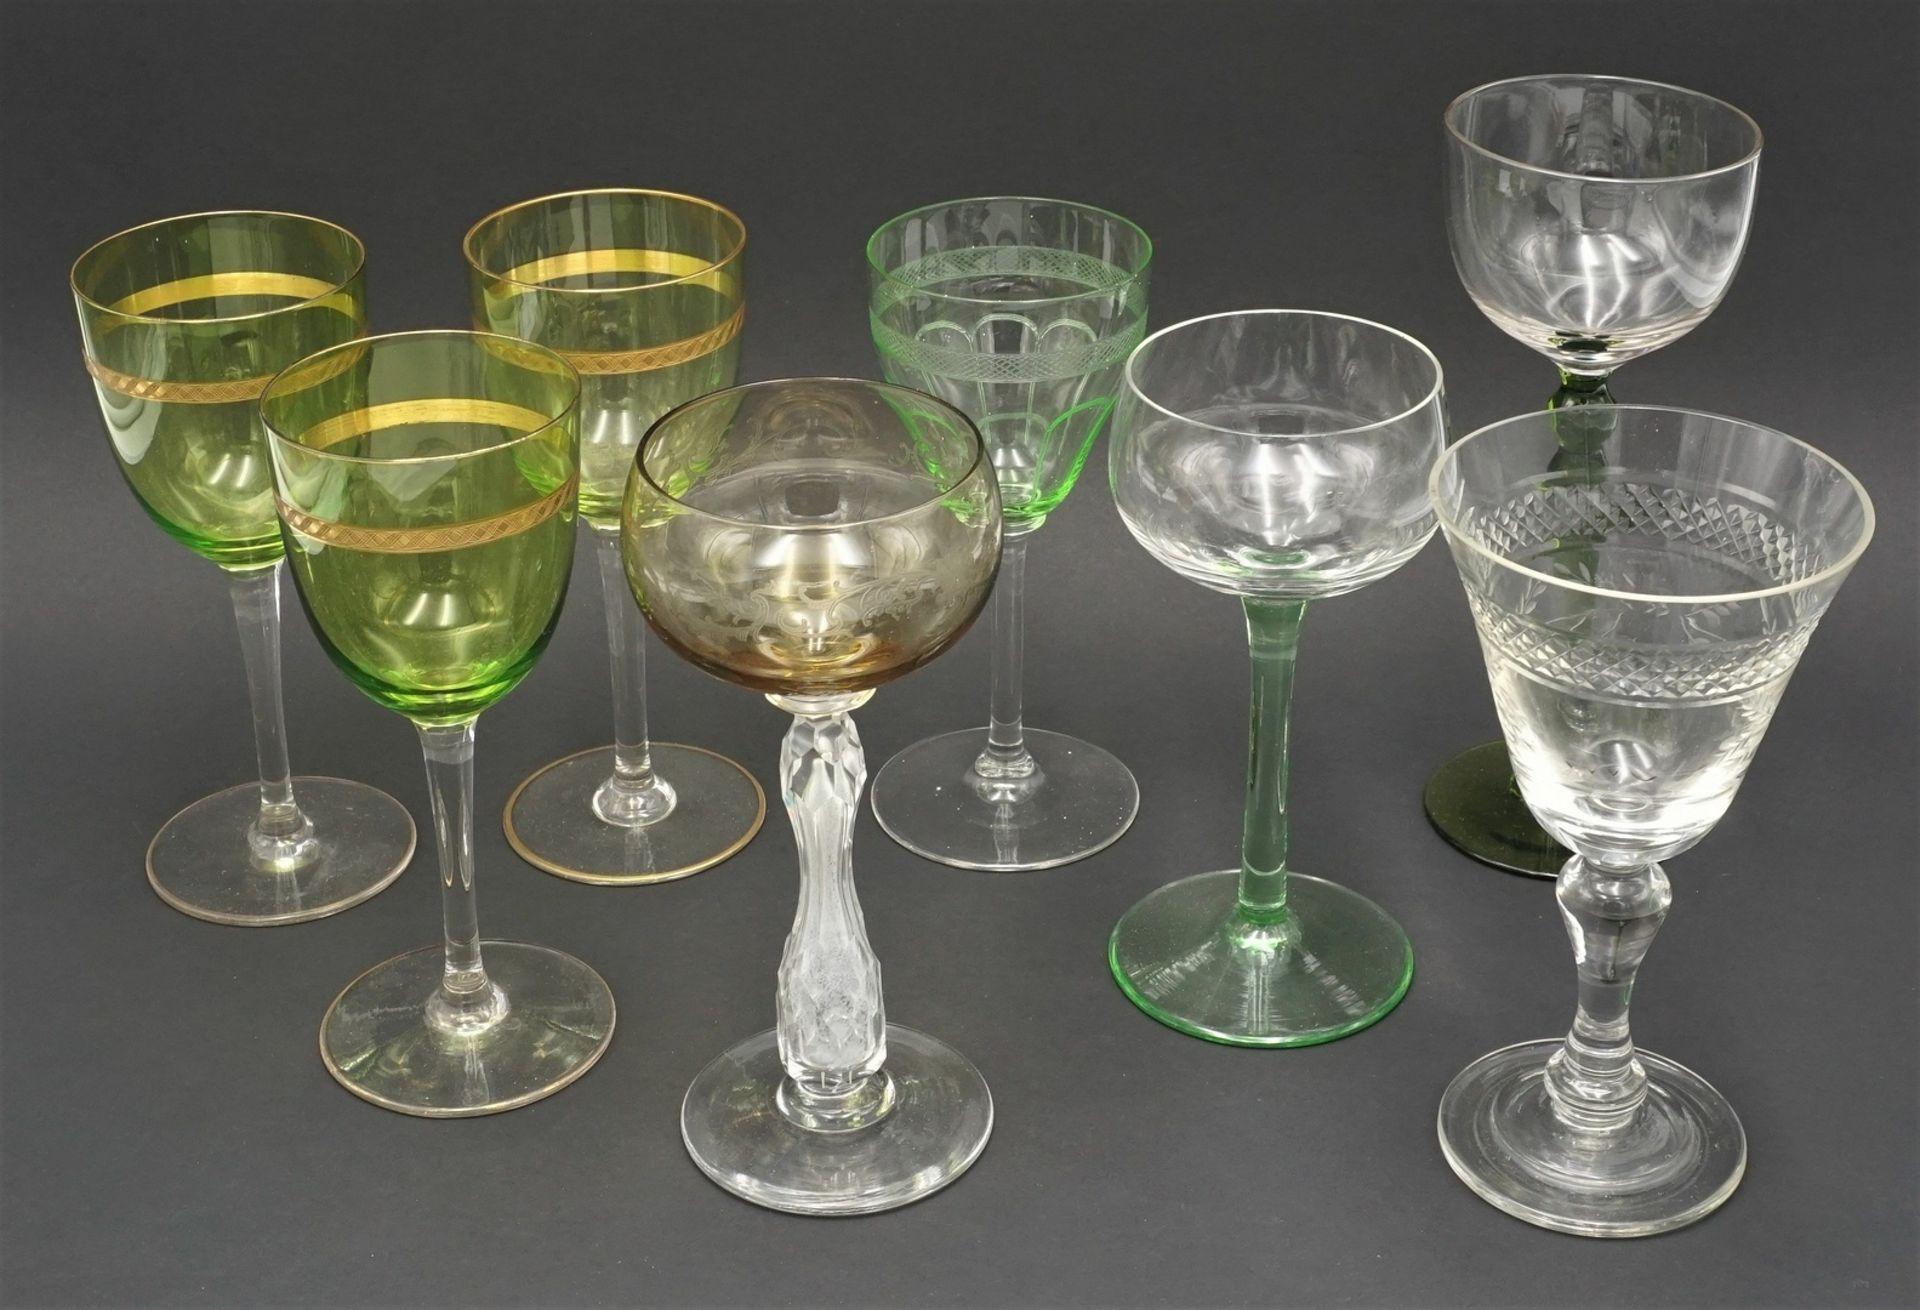 17 Weingläser, um 1900-1930 - Bild 2 aus 5